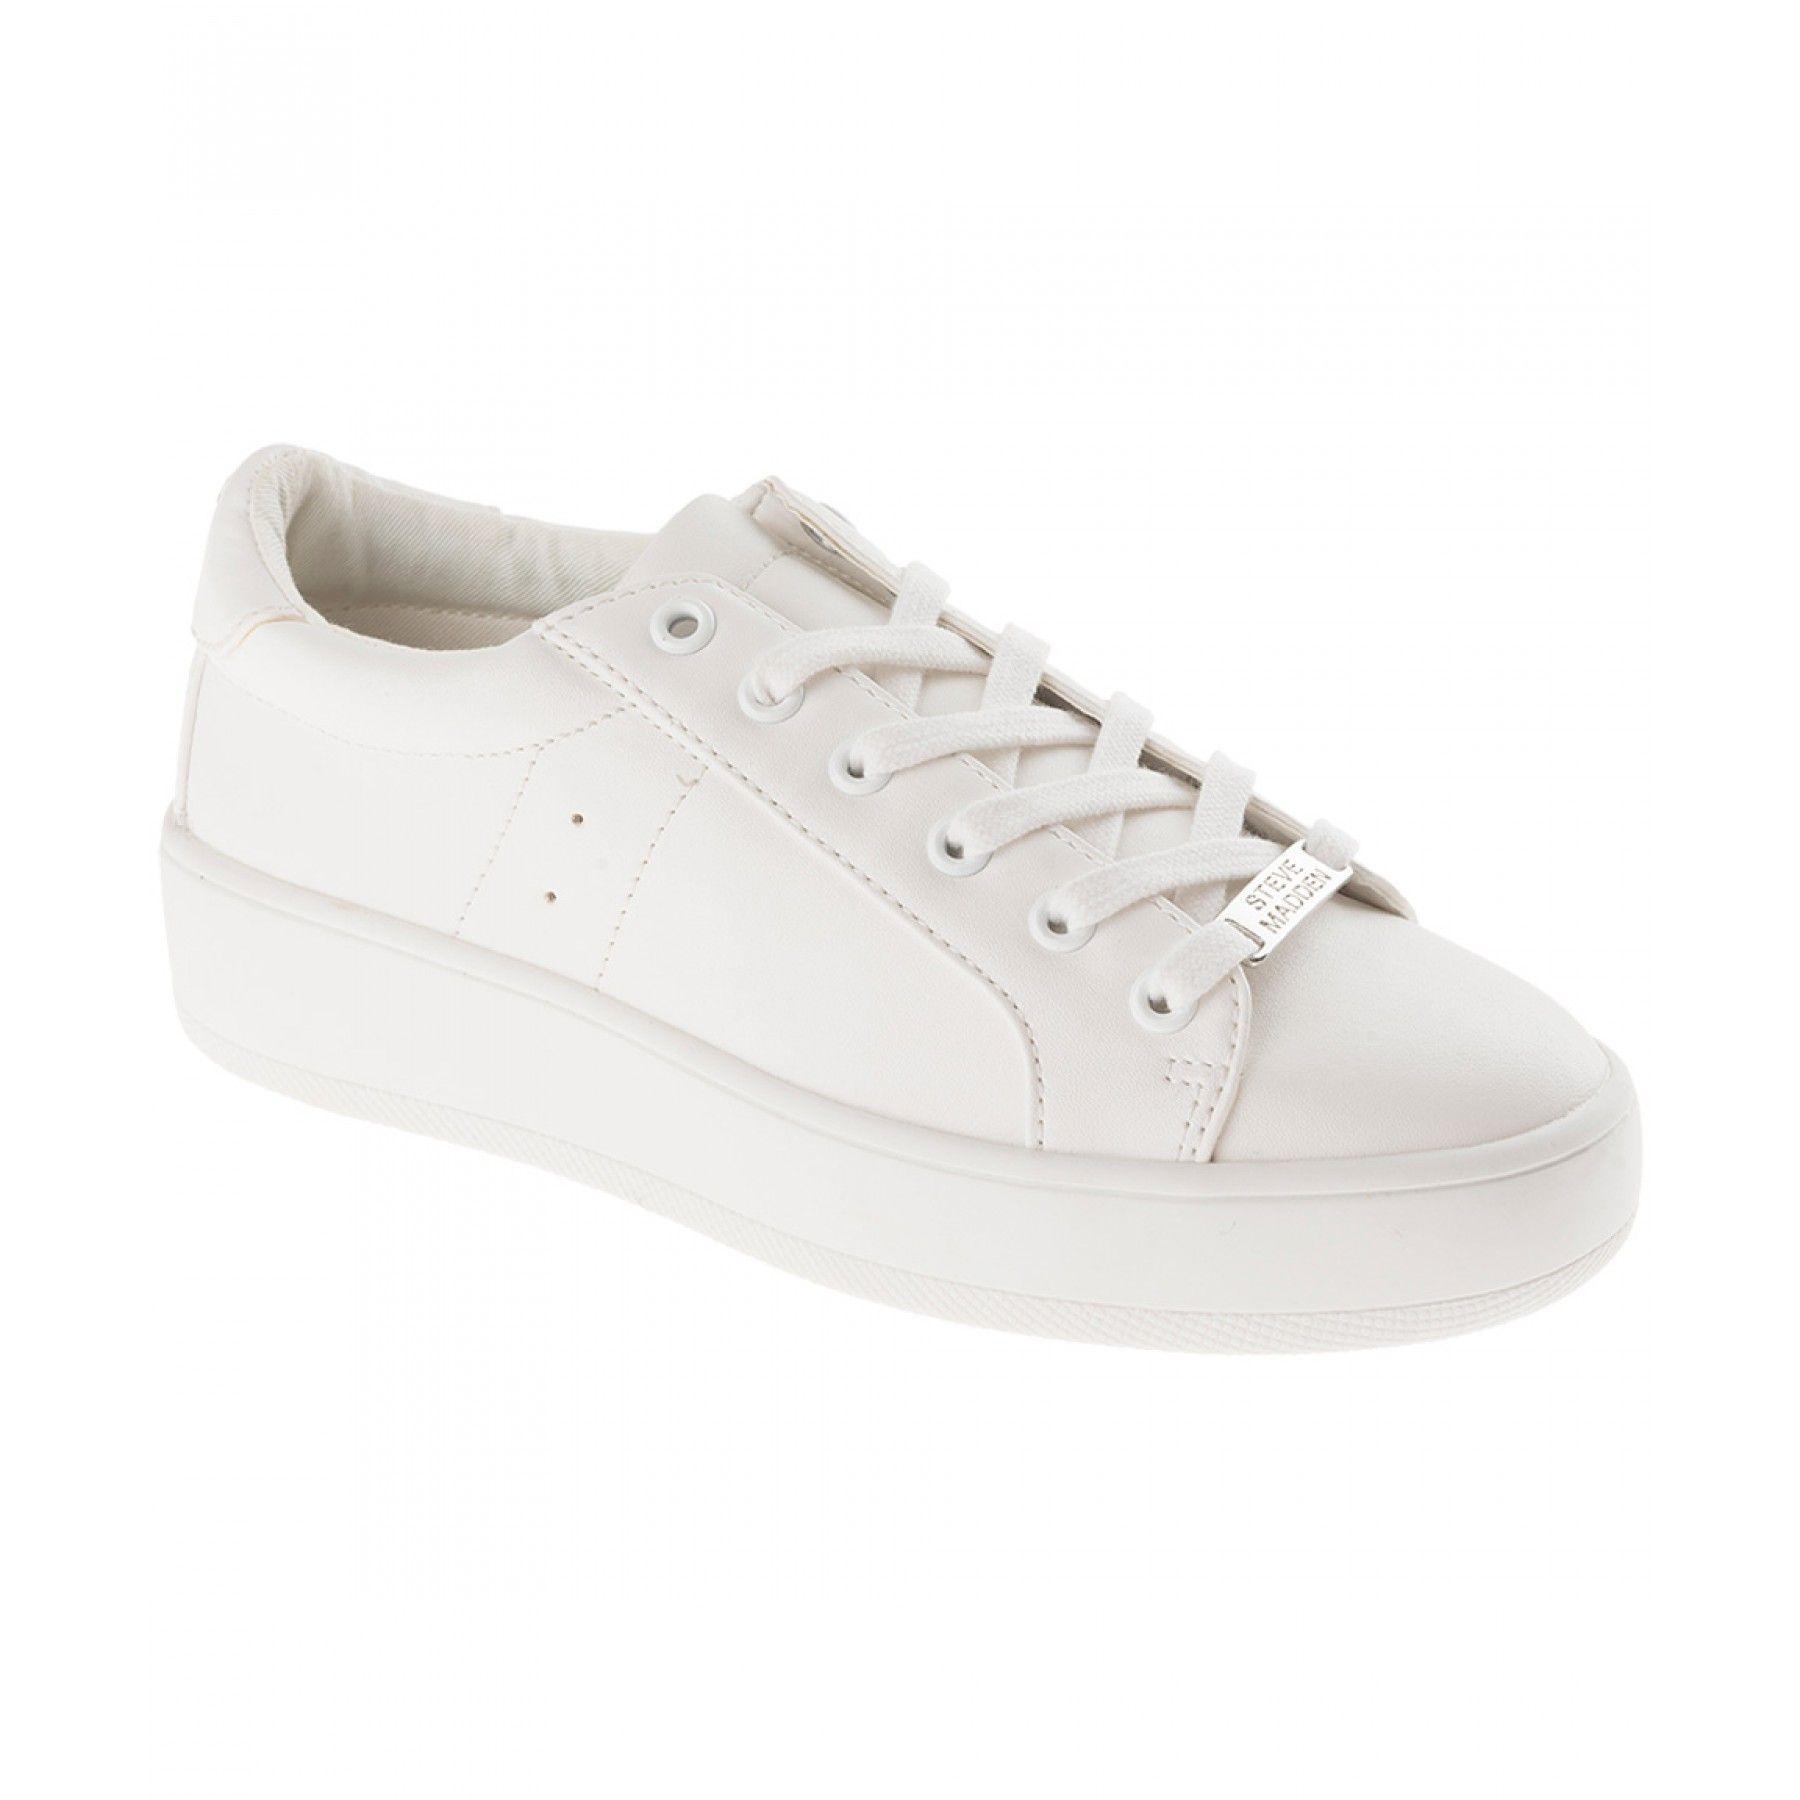 sports shoes 1425e eaae4 Tenis Steve Madden elaborado en material sintético color blanco punta  redondeada agujeta en empeine nombre de la marca metálico en lengüeta  plataforma y ...